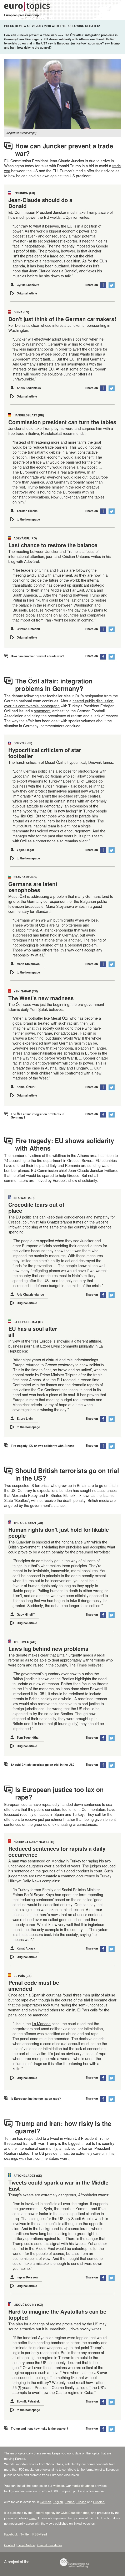 euro|topics: How can Juncker prevent a trade war? (25/07/2018)